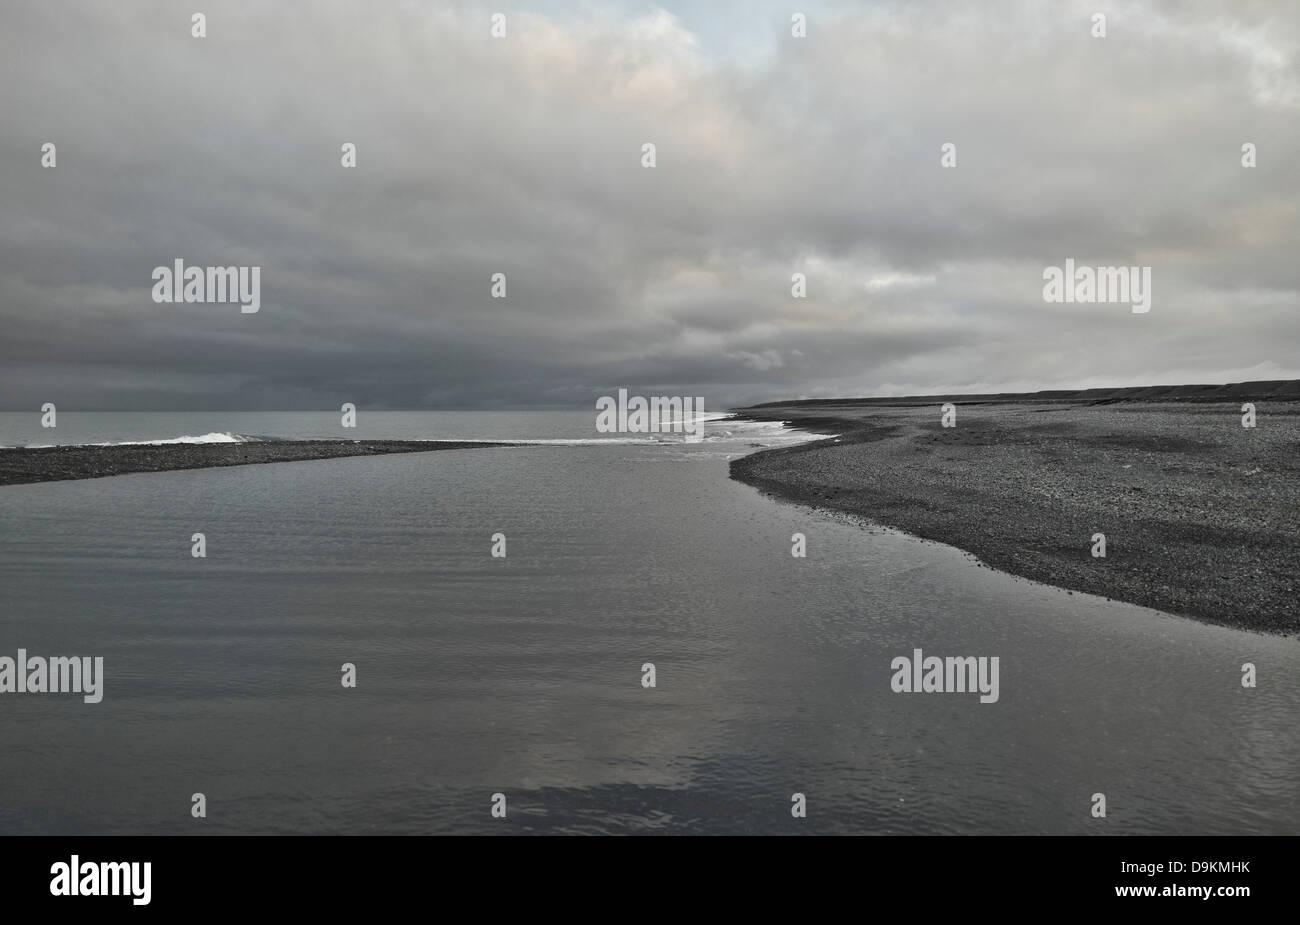 Dans le lac gris paysage vide Photo Stock